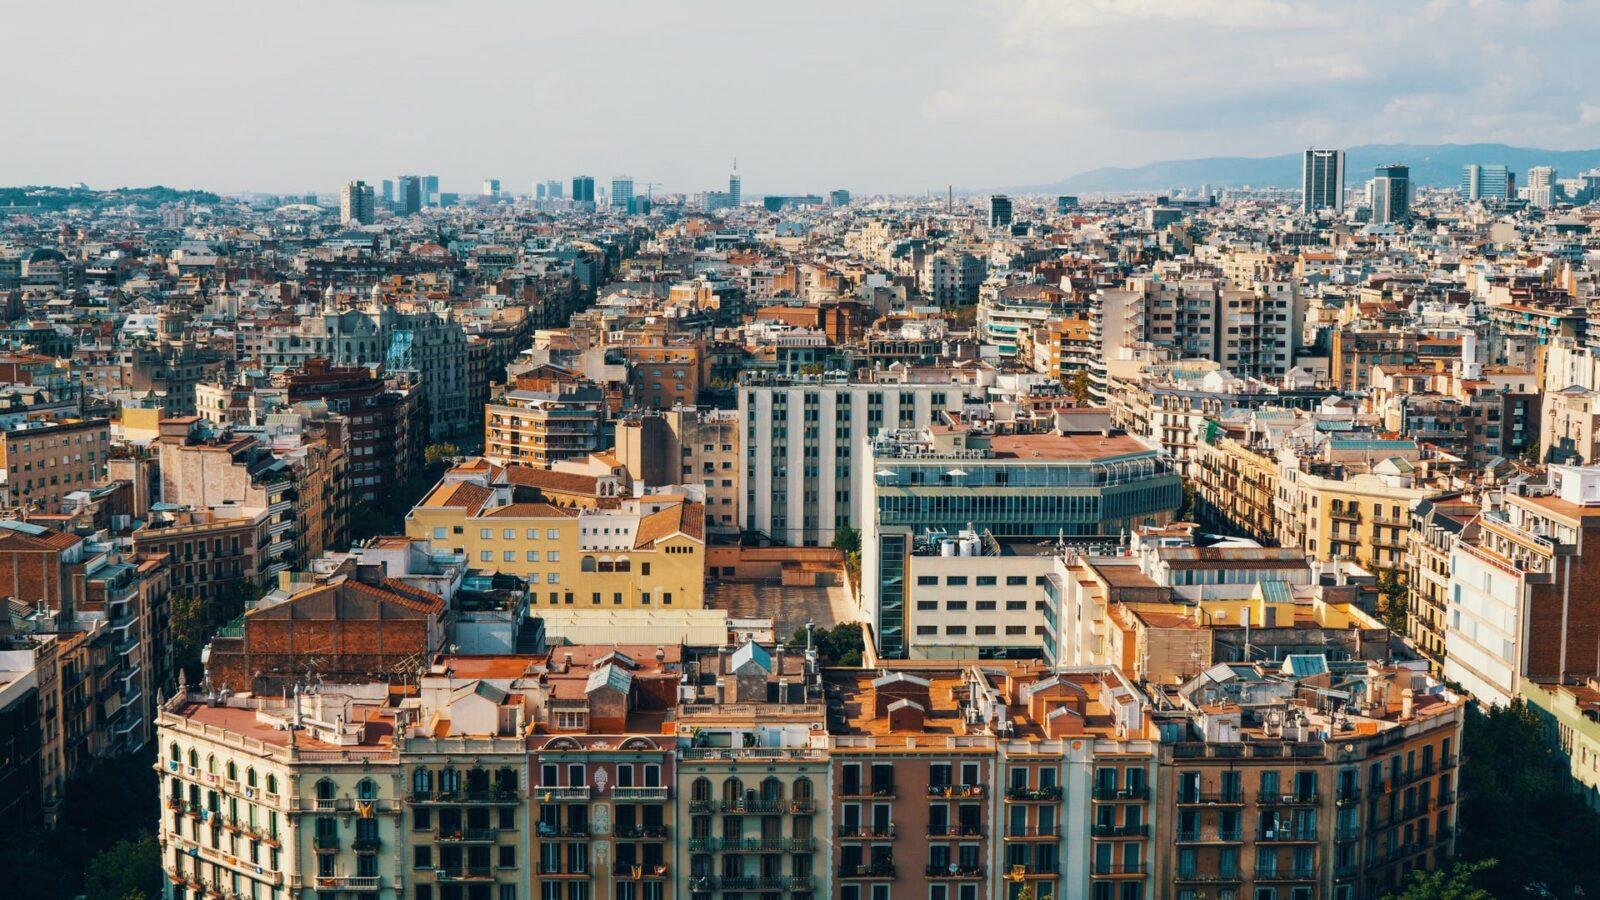 mercado inmobiliario en españa - portada